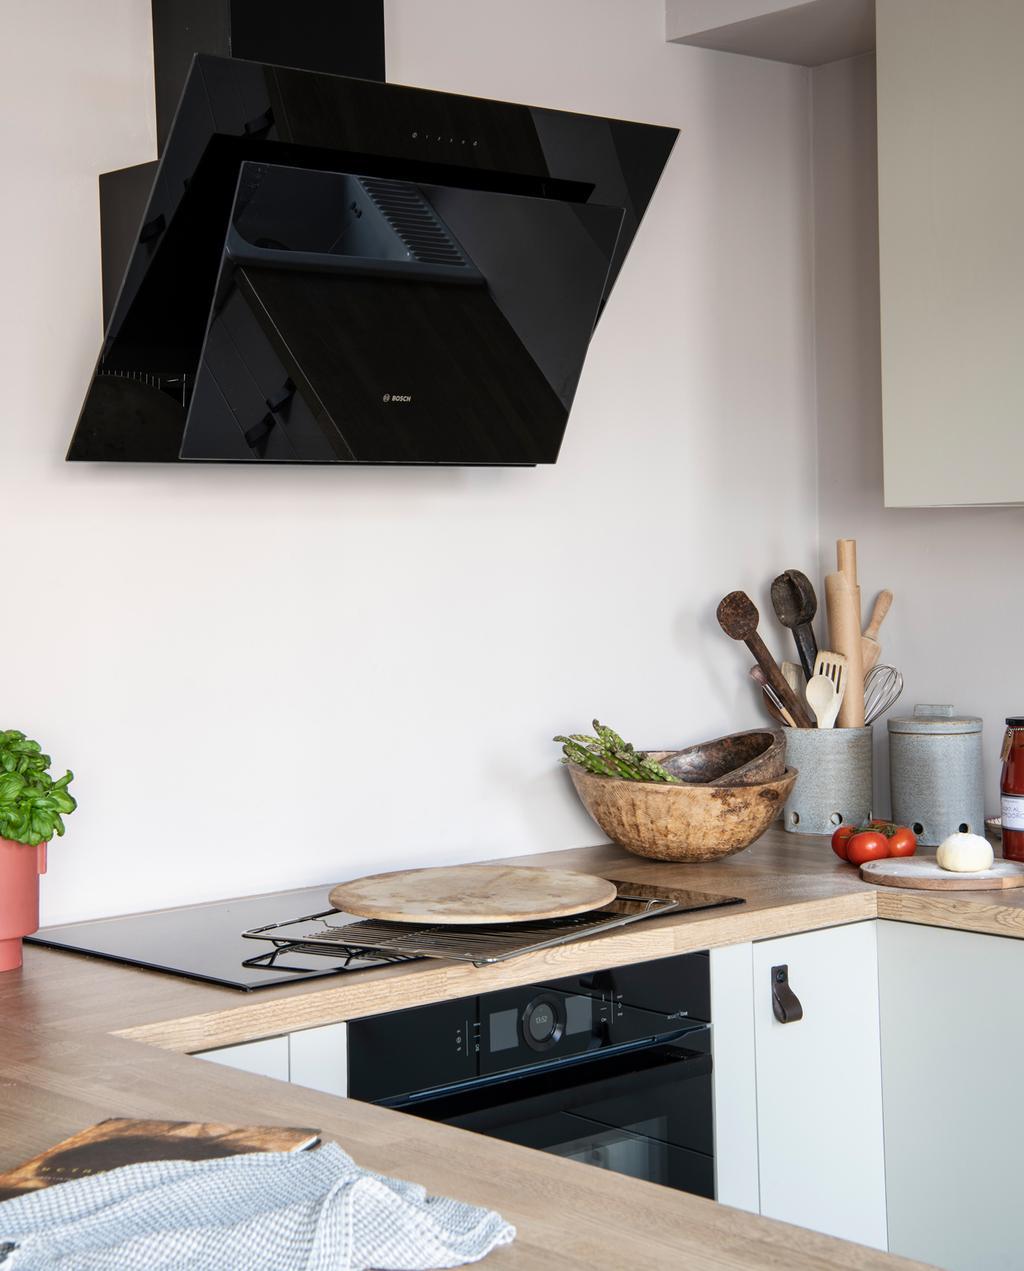 Binnenkijken in een keuken met een mix aan stijlen in Gorinchem